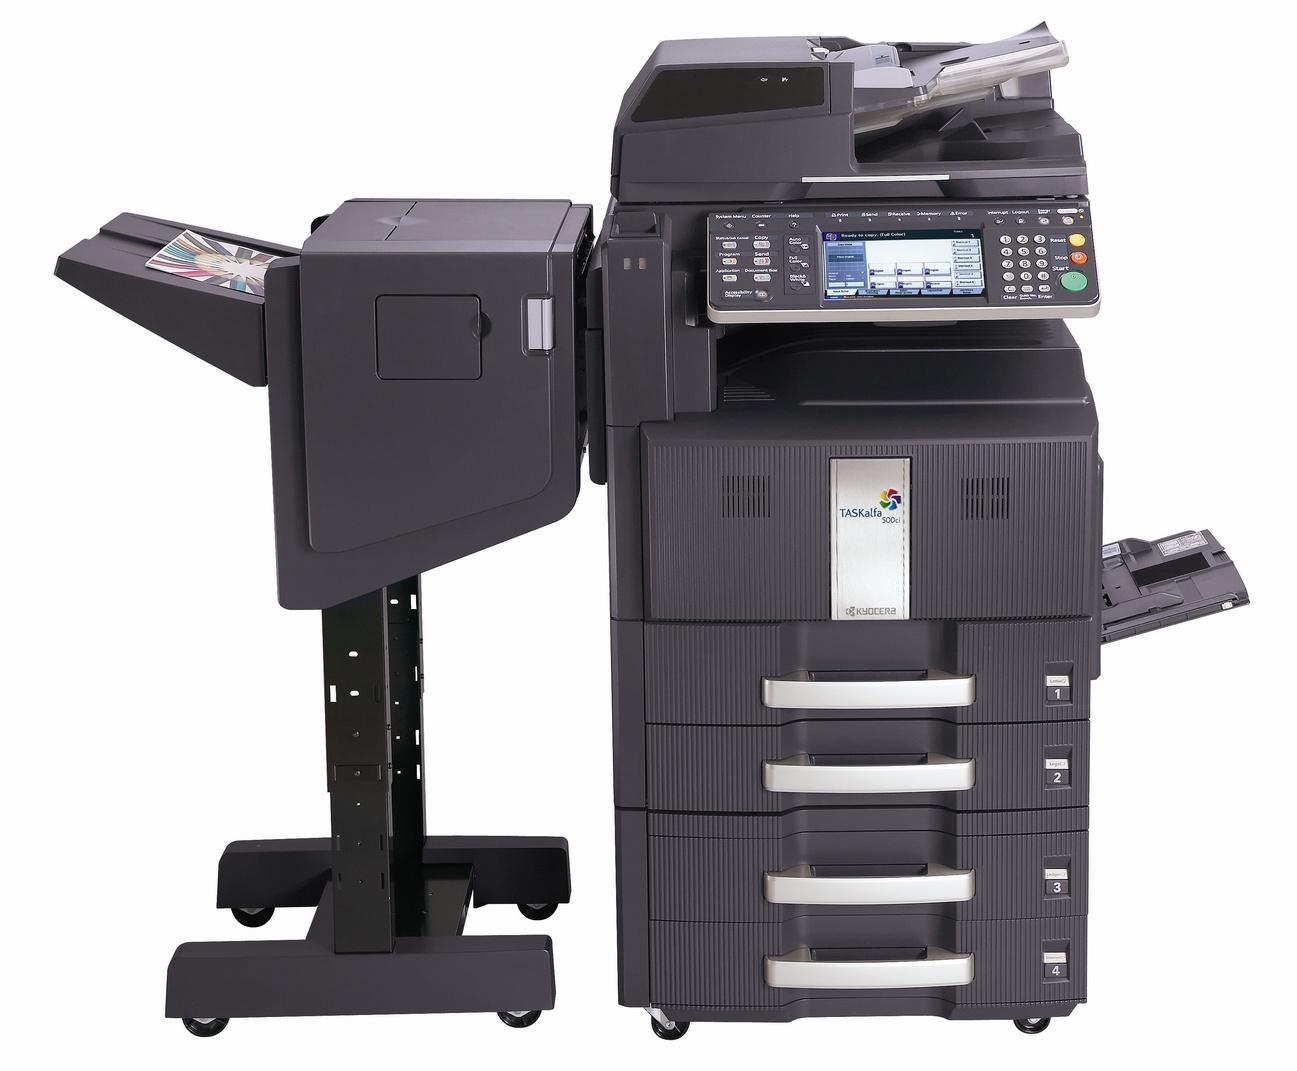 драйвера на принтер taskafta скачать kyocera 180